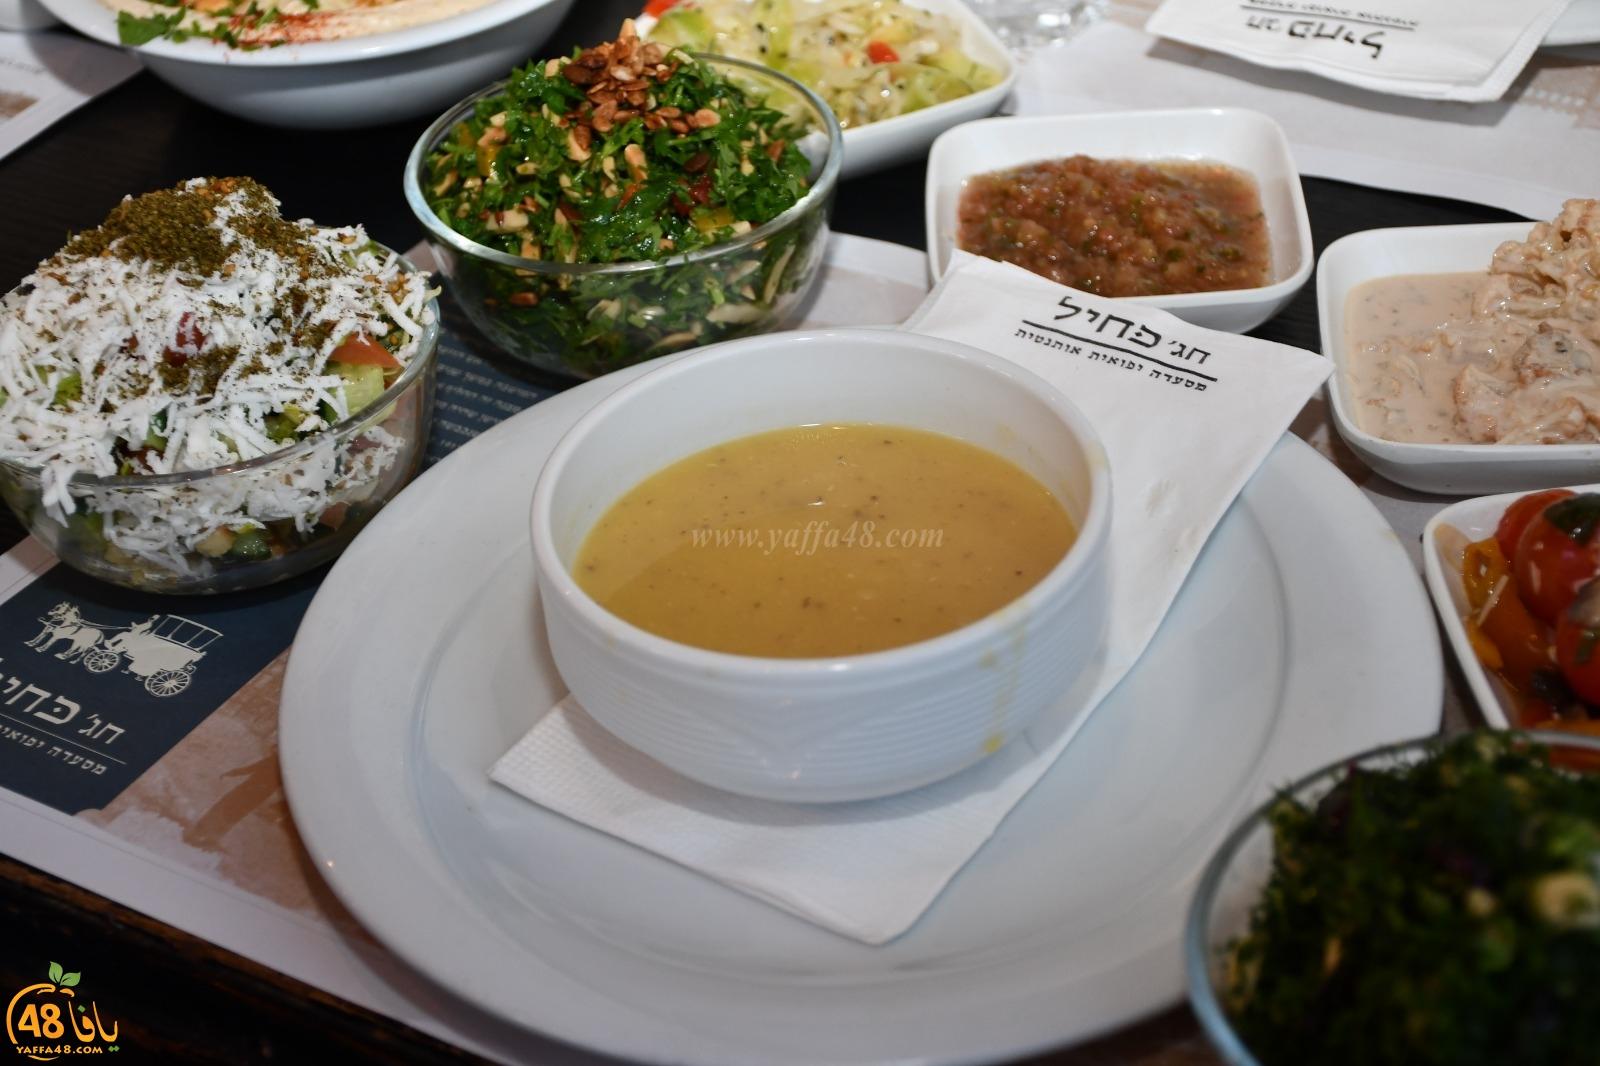 فيديو: مطعم حاج كحيل بدوار الساعة يستقبلكم غداً بأشهى الوجبات